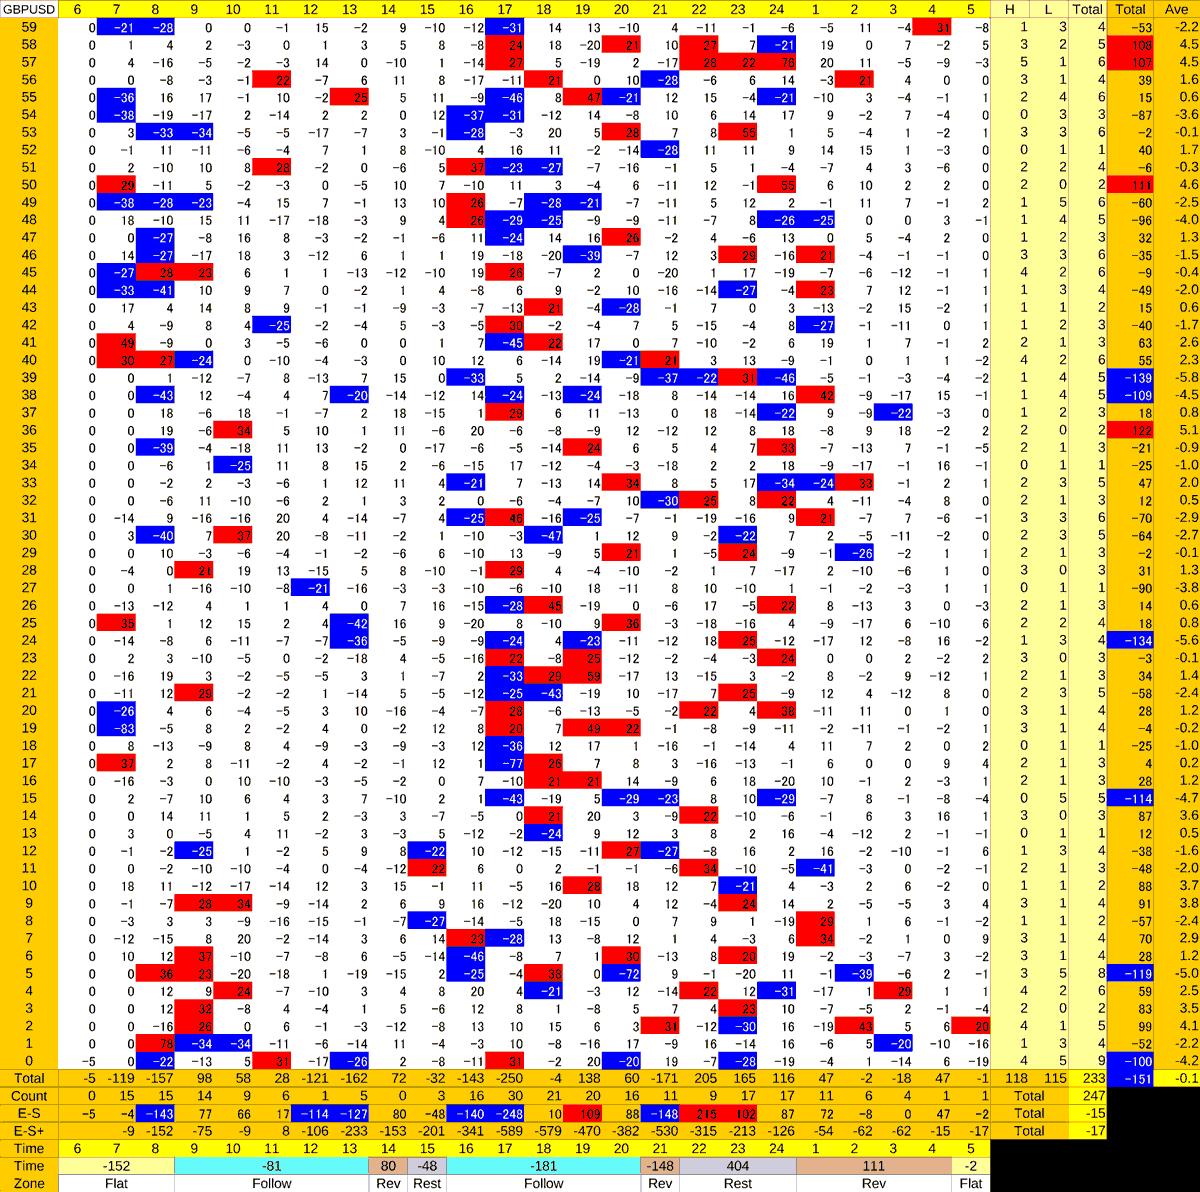 20210118_HS(2)GBPUSD